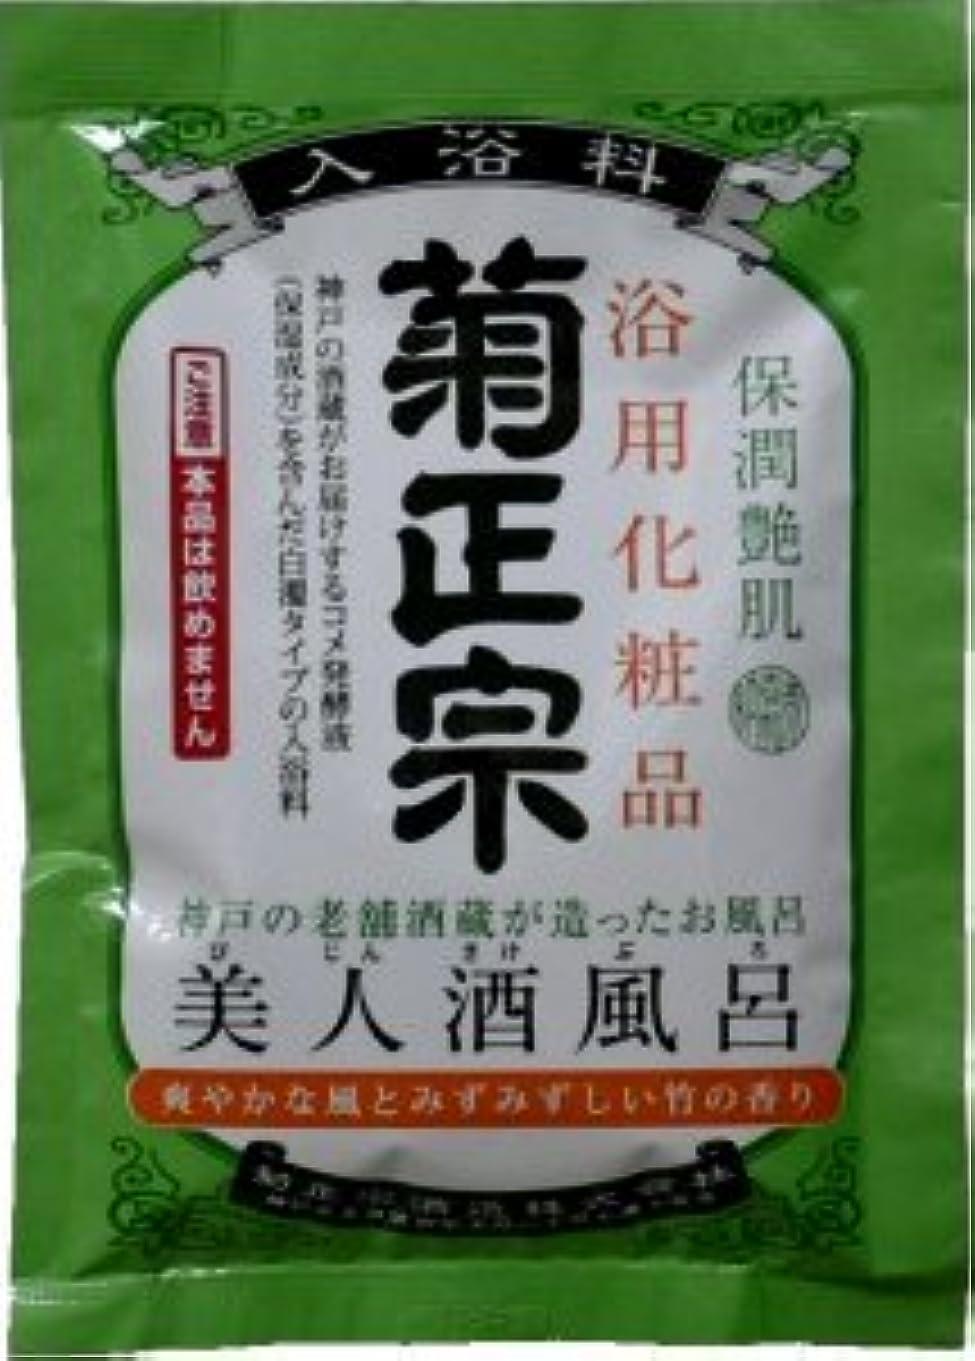 バリア超高層ビルヒロイック菊正宗酒造 美人酒風呂 竹の香り 244621